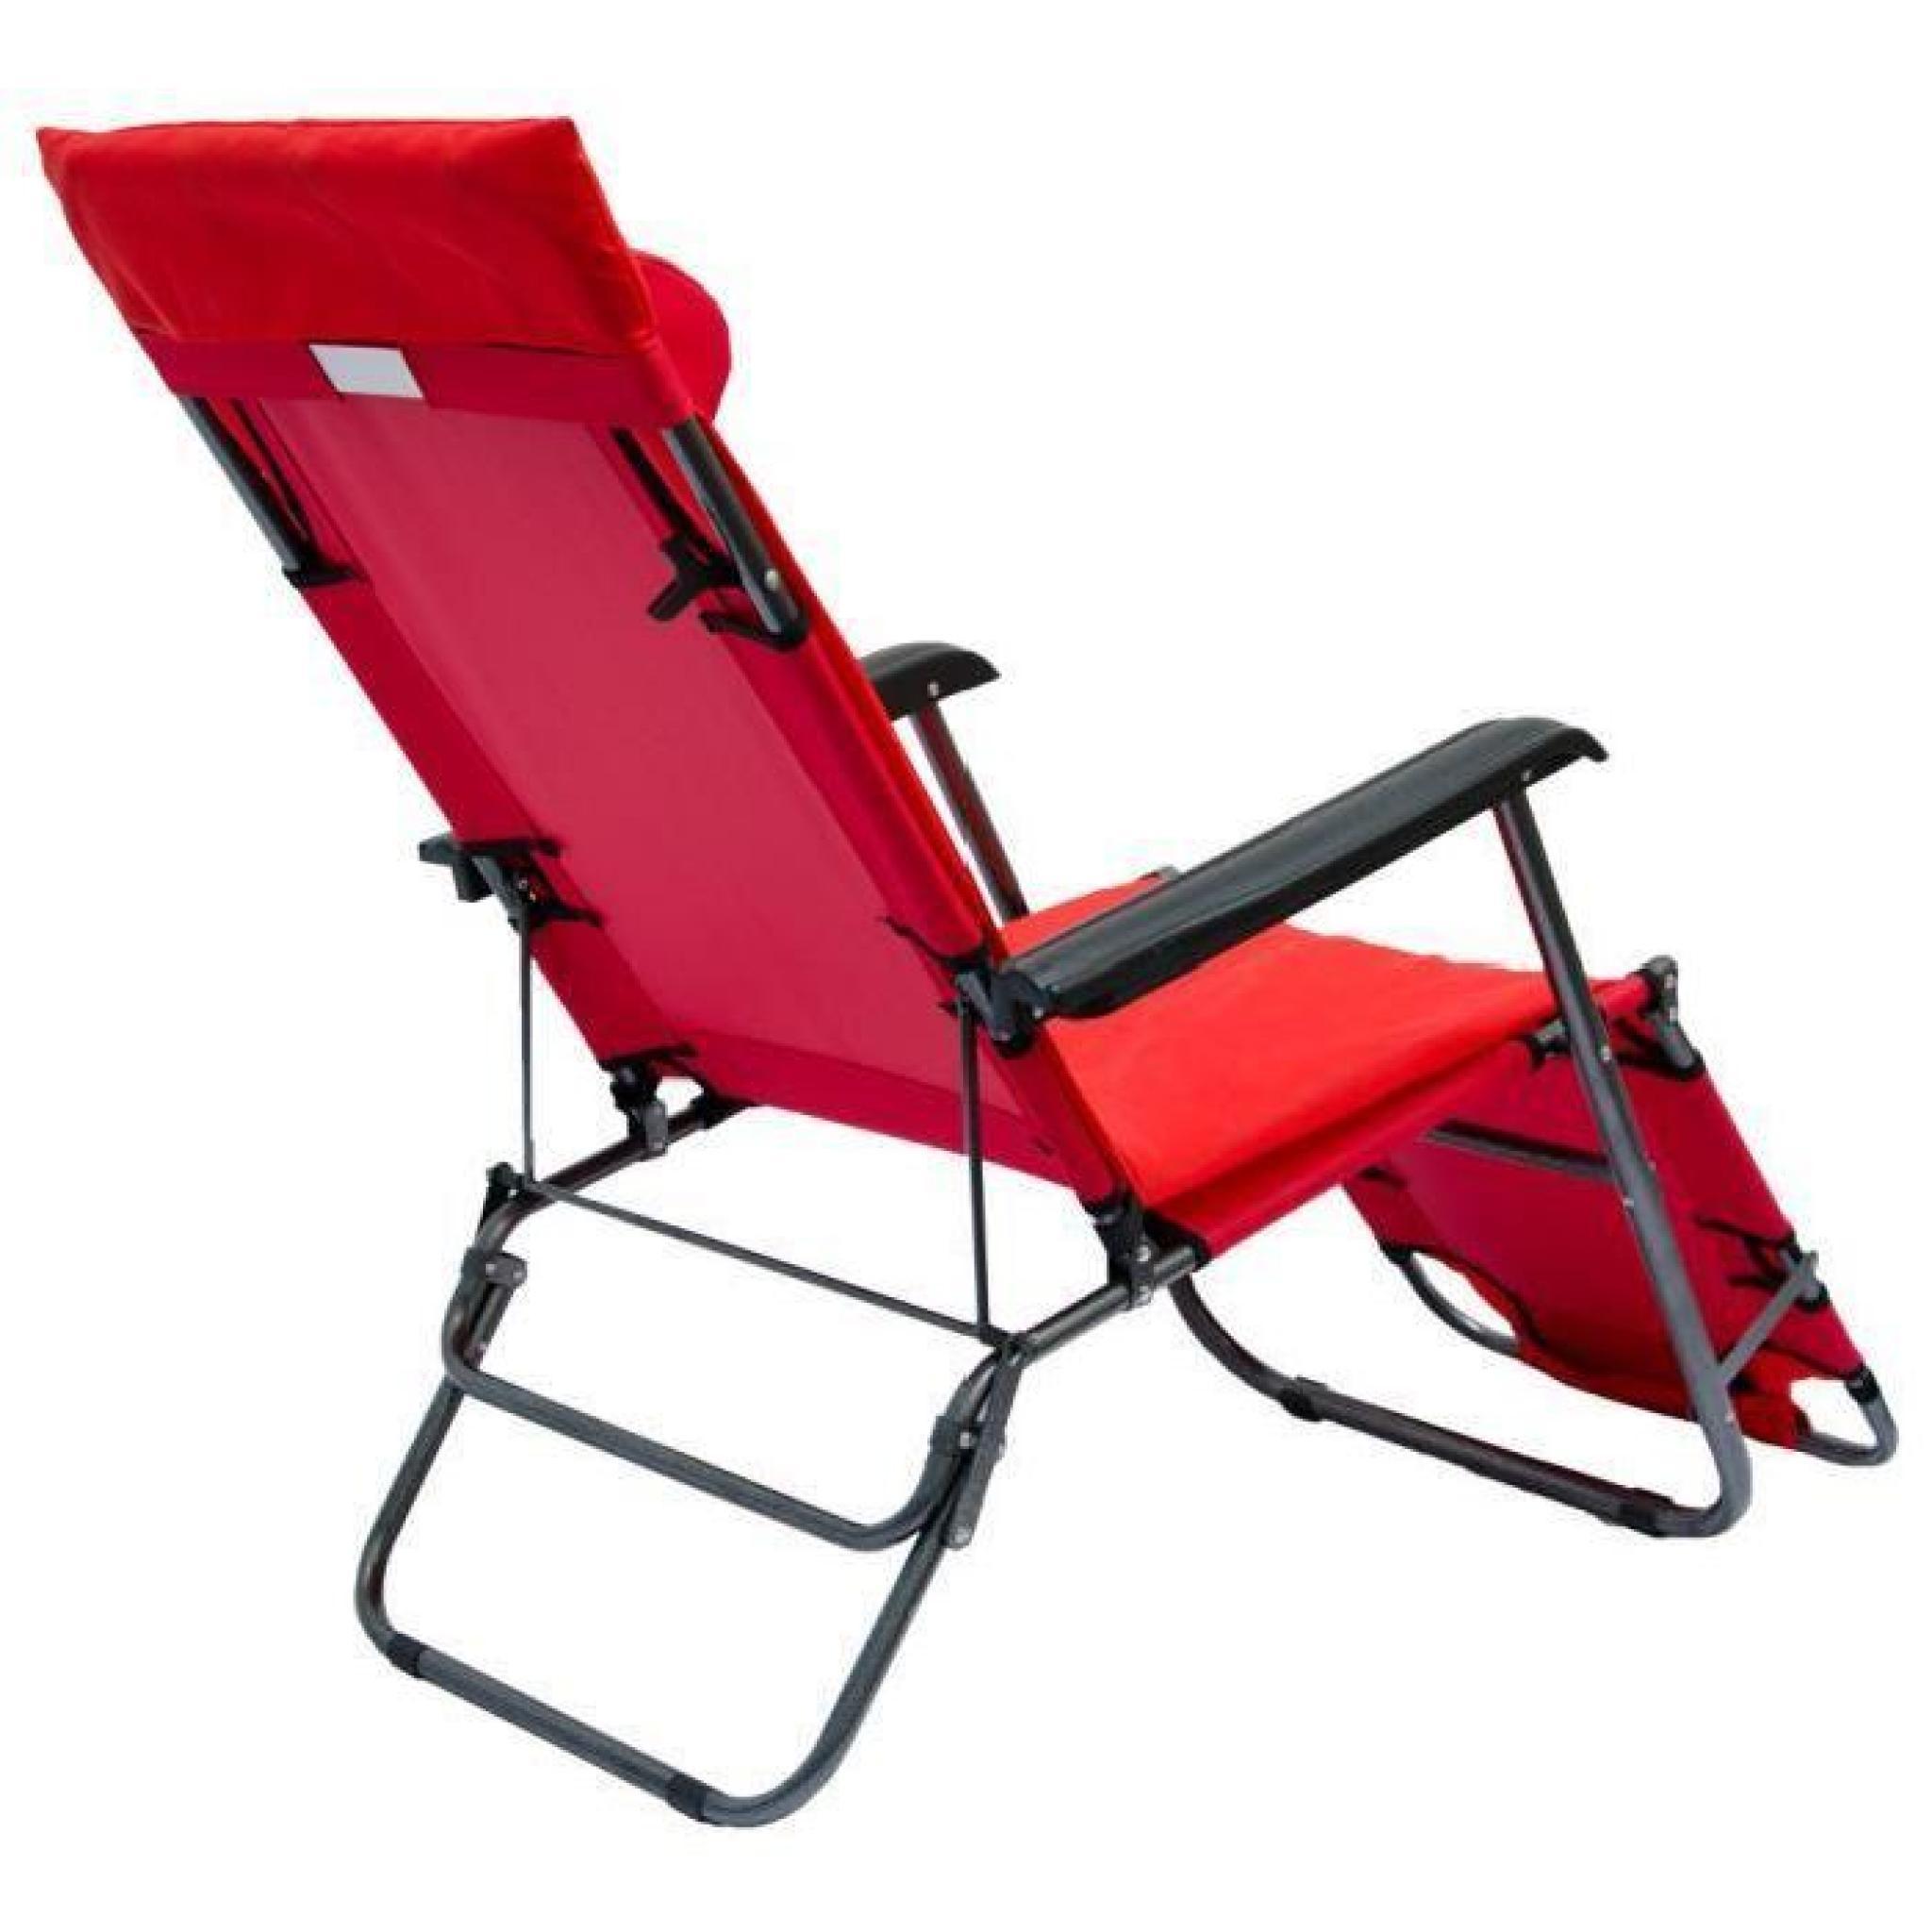 Chaise Longue Pliante 178X60Cm Dossier Inclinable avec Chaise De Jardin Pliante Pas Cher